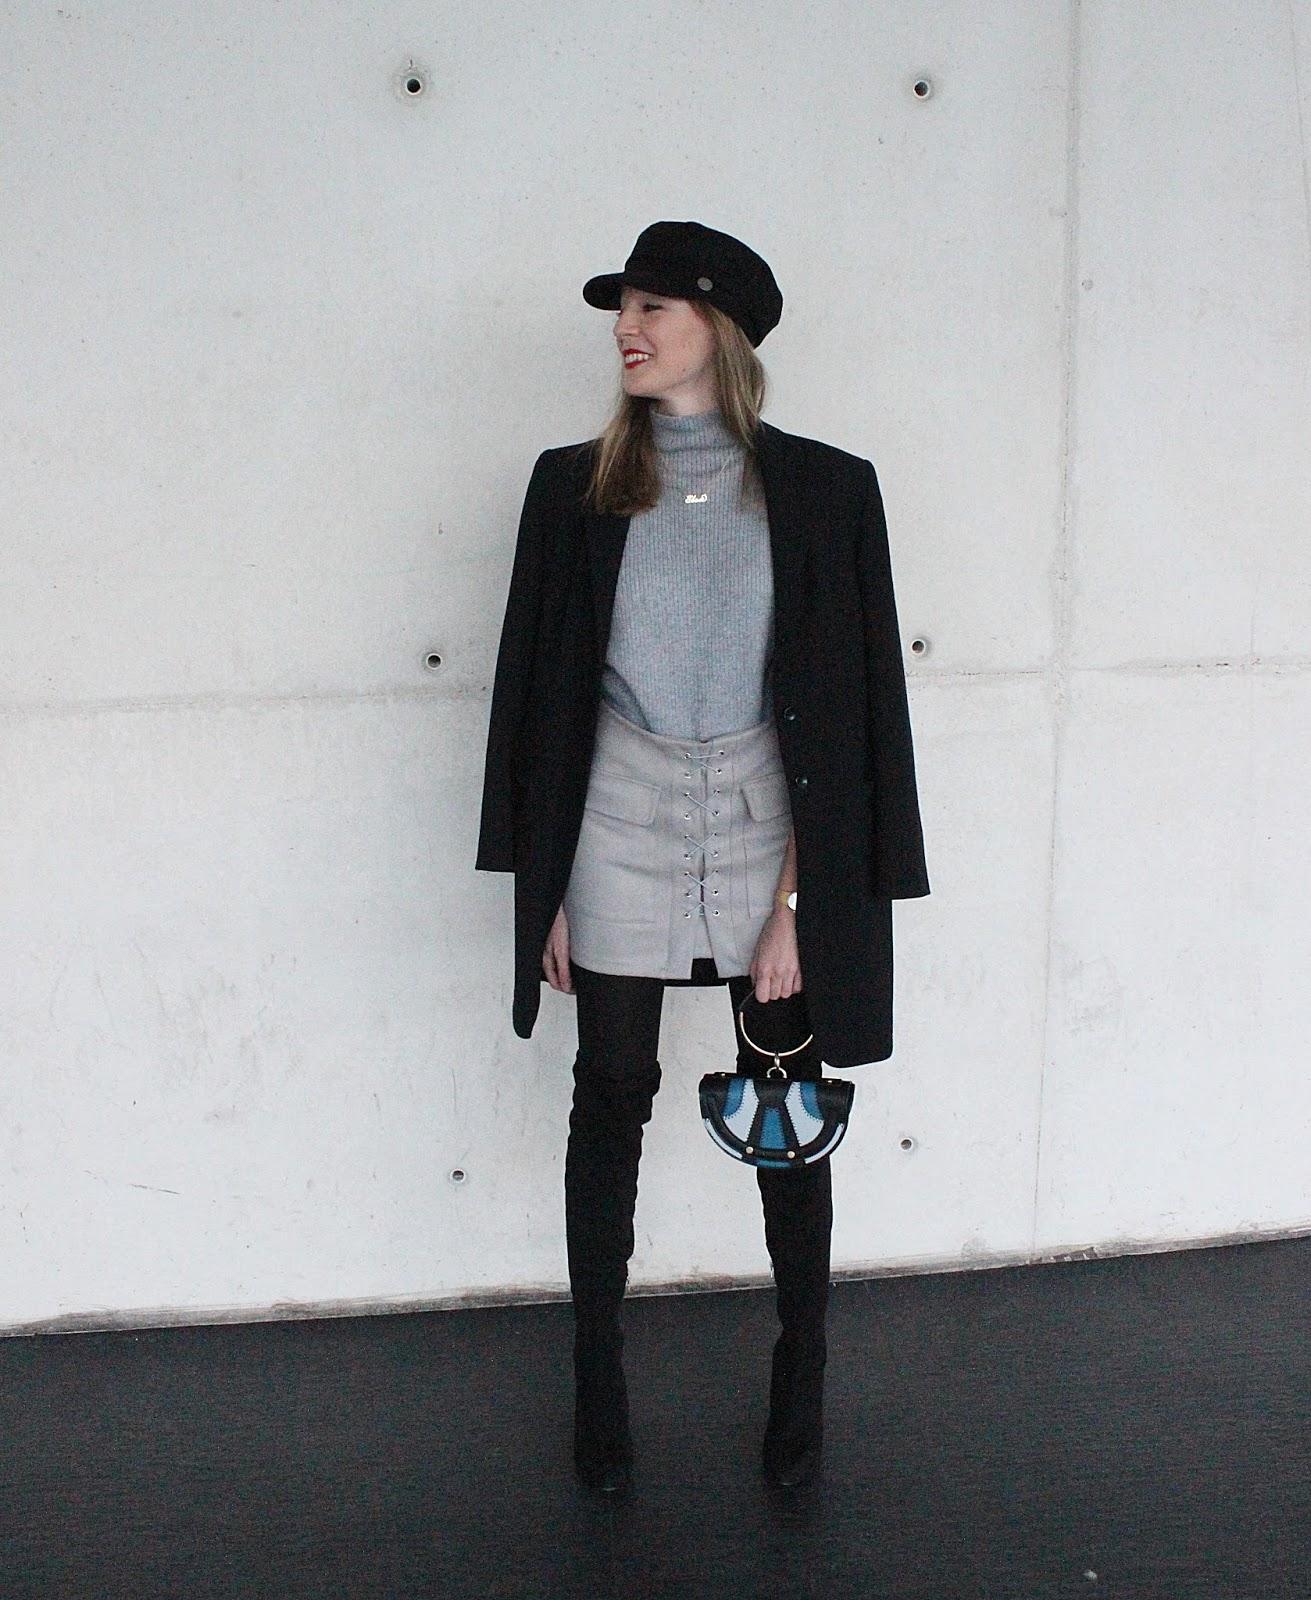 navy-cap-total-gray-look-black-look-nile-minaudiere-chloe-bag-street-style-otk-boots